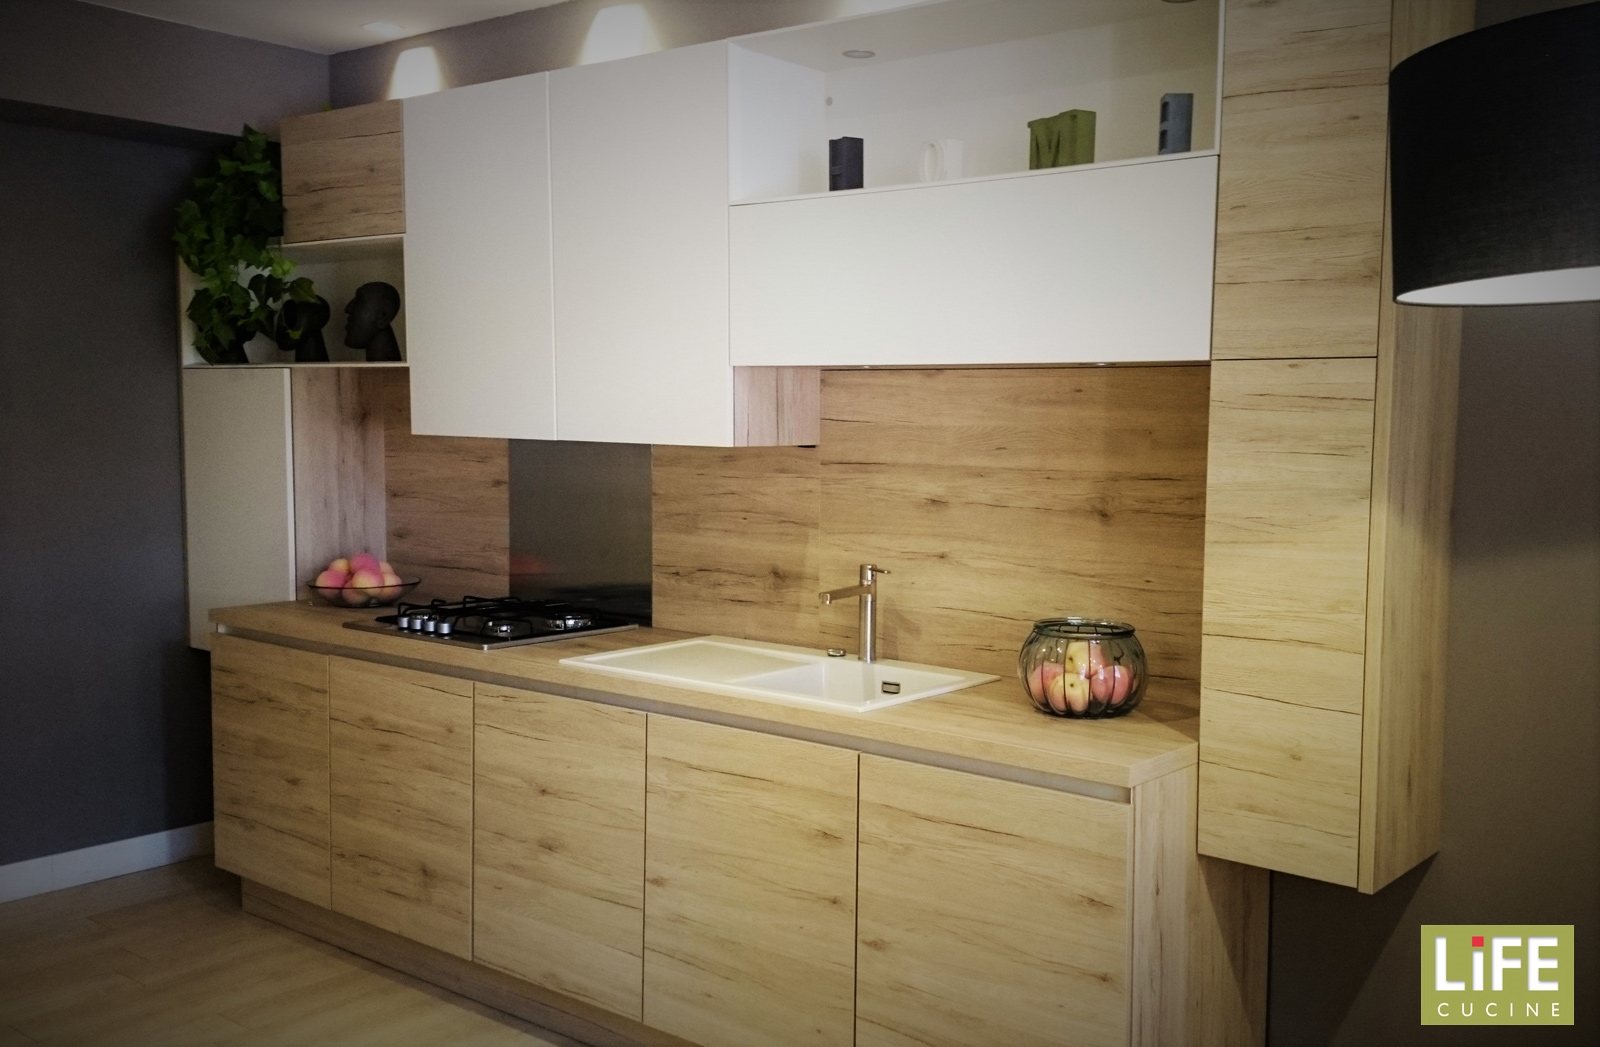 Cucina lineare moderna life due pareti laminato legno - Cucina laminato effetto legno ...